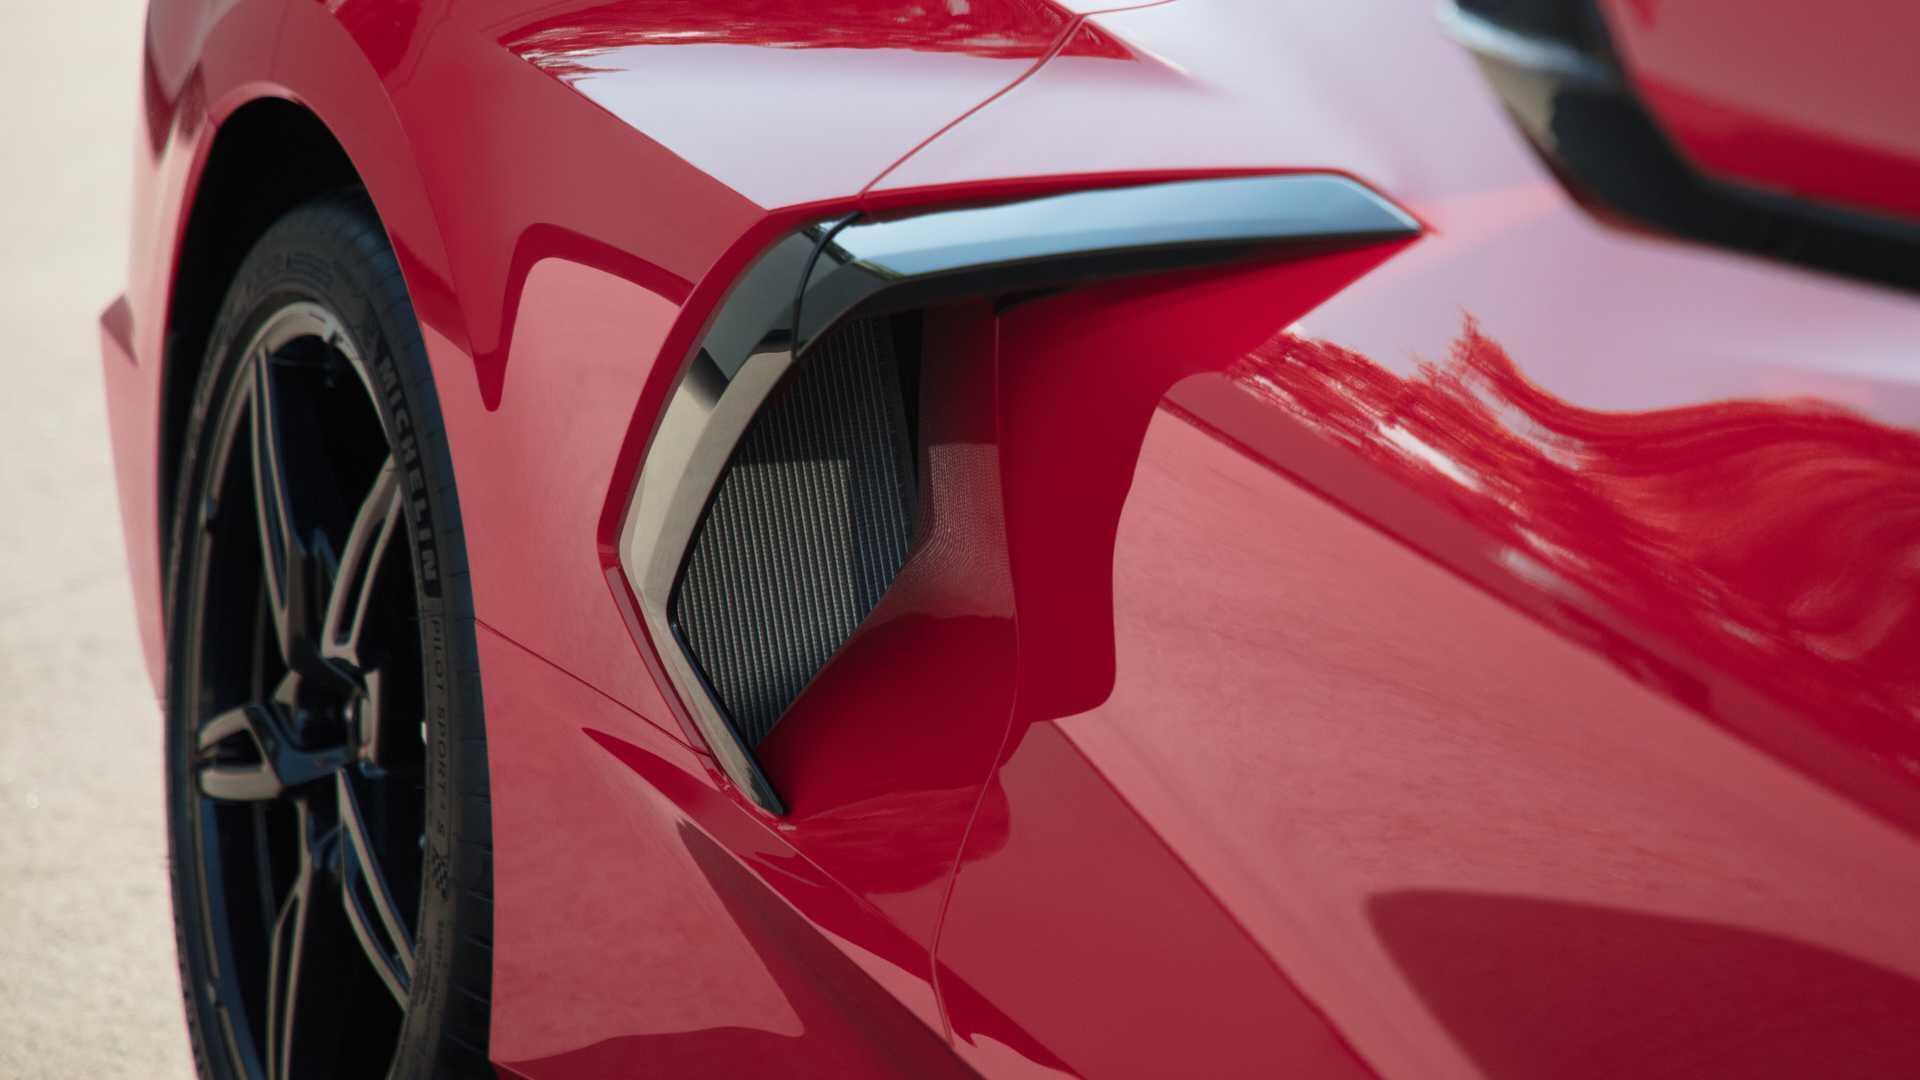 https://cdn.dailyxe.com.vn/image/chevrolet-corvette-2020-co-mot-so-tinh-nang-an-tuyet-voi-70-94571j2.jpg